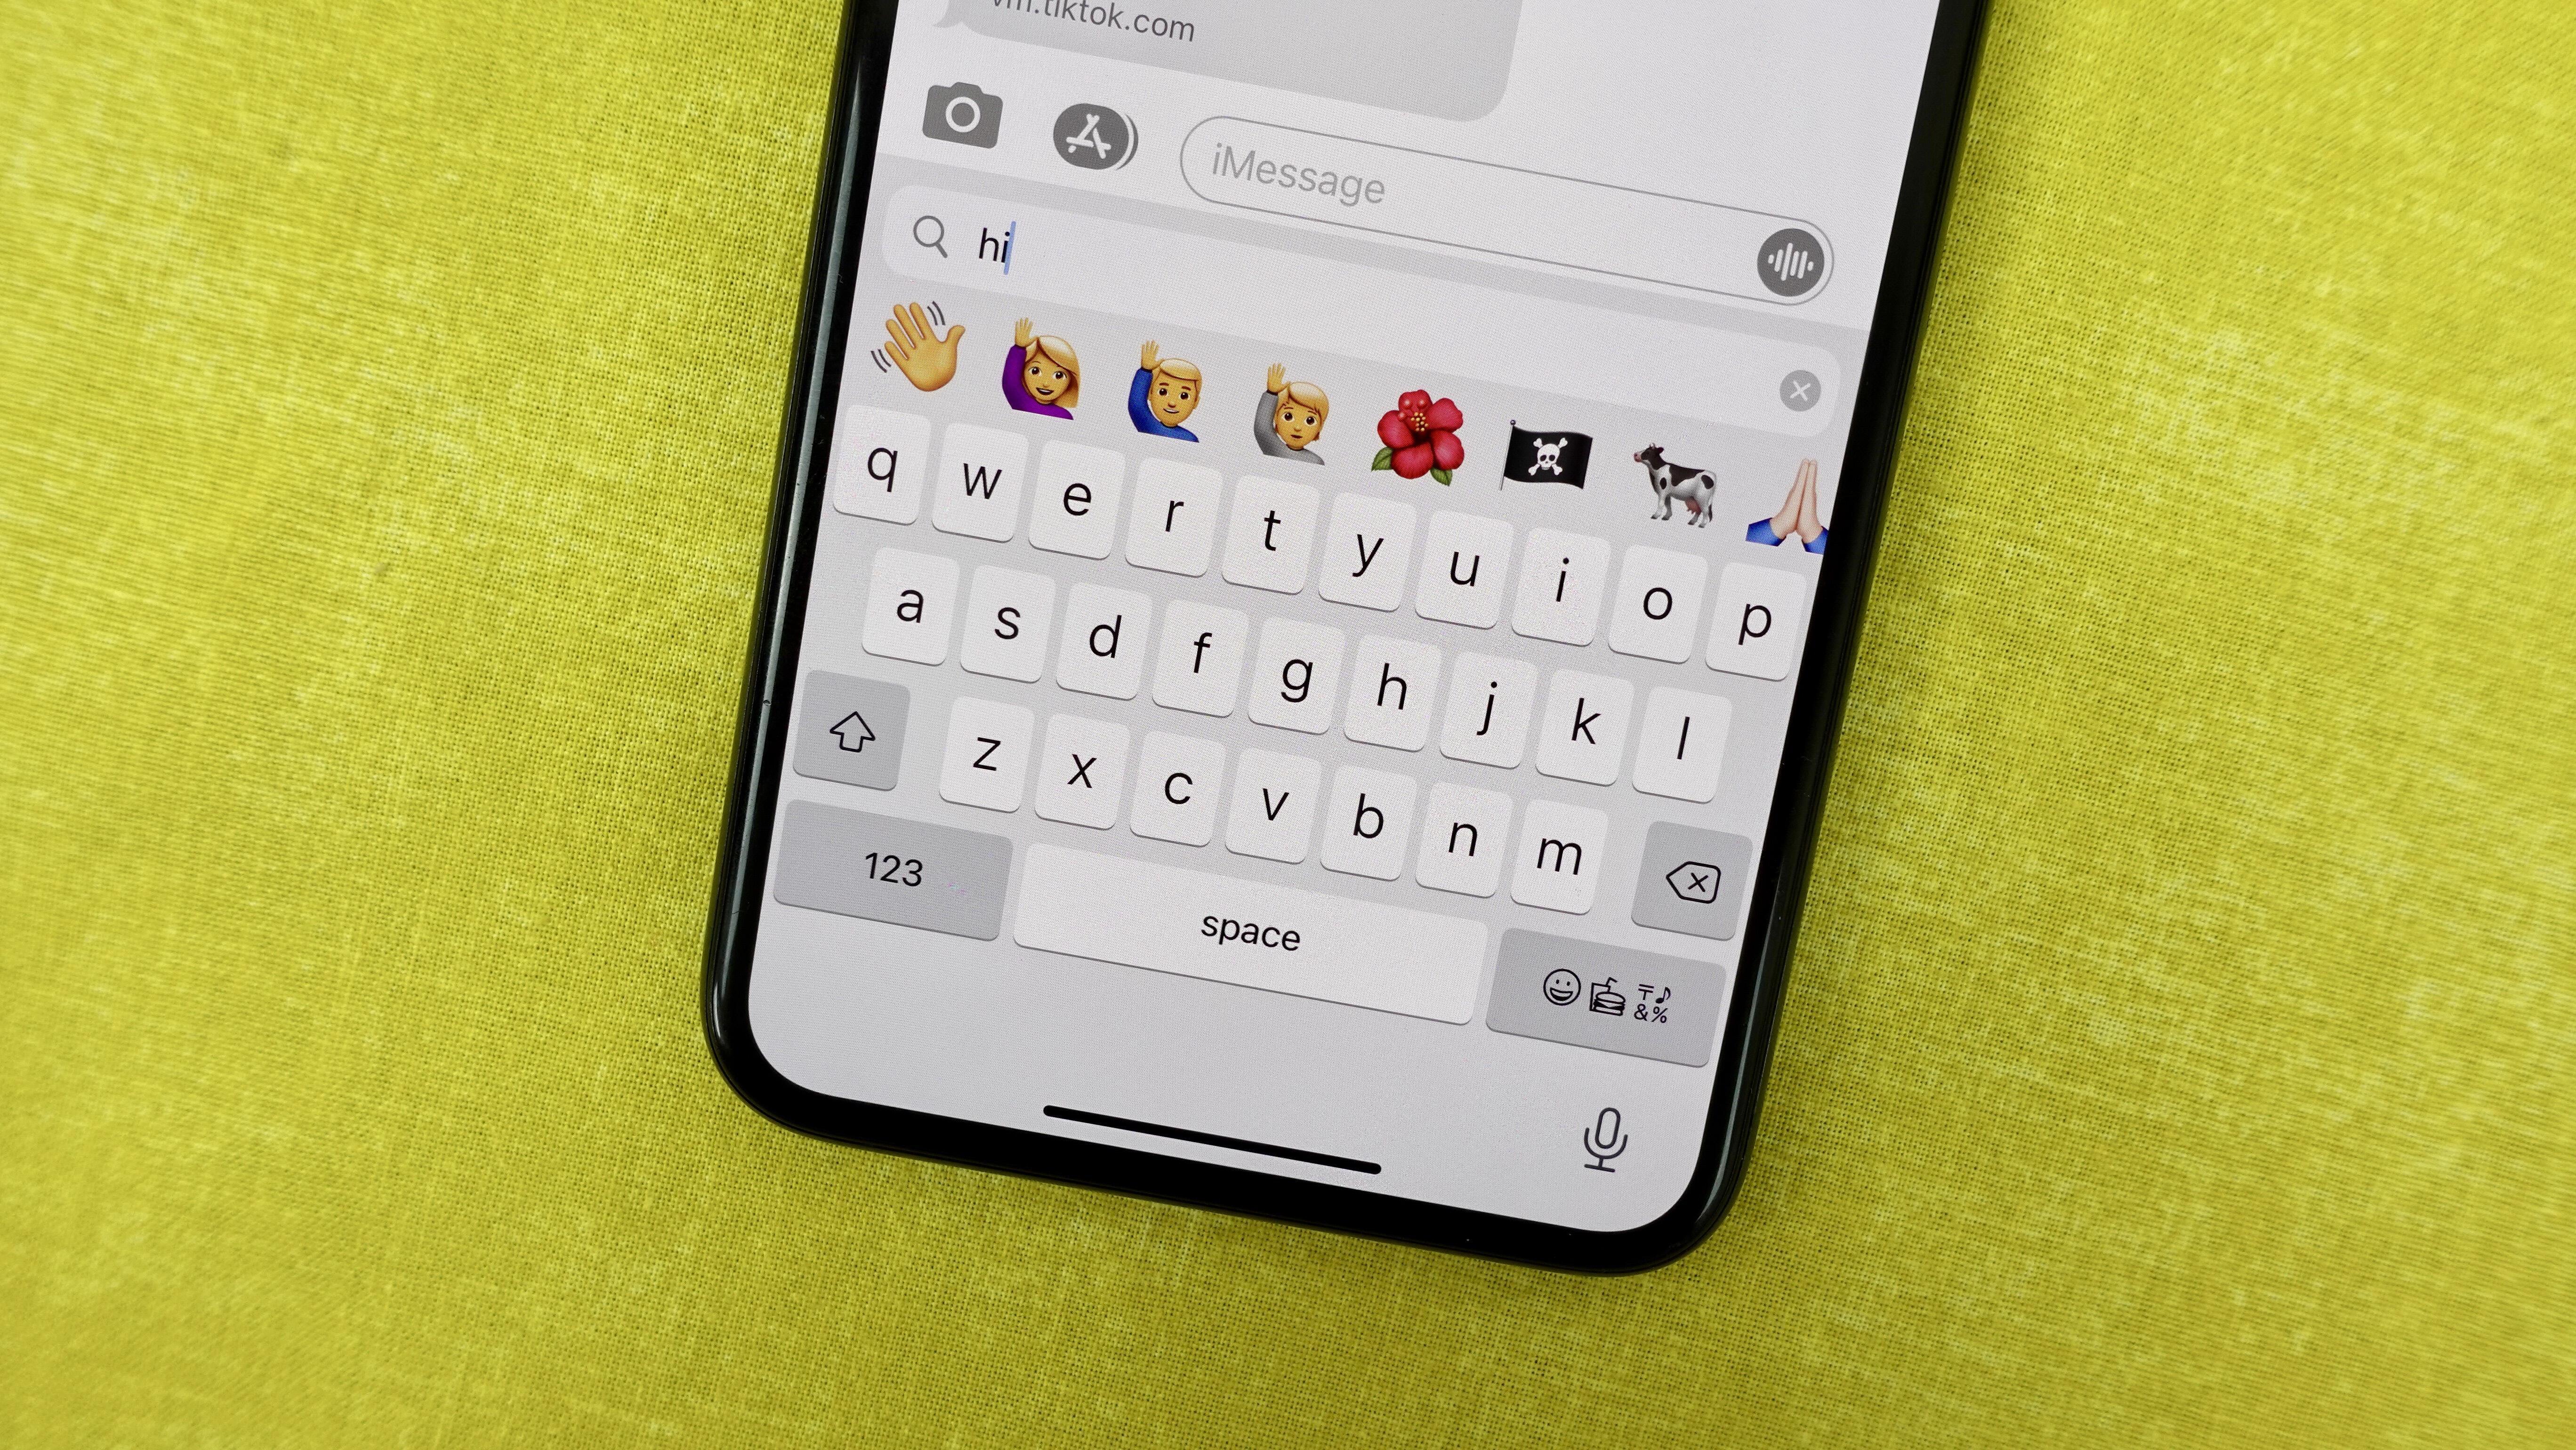 recherche-clavier-emoji-ios-14